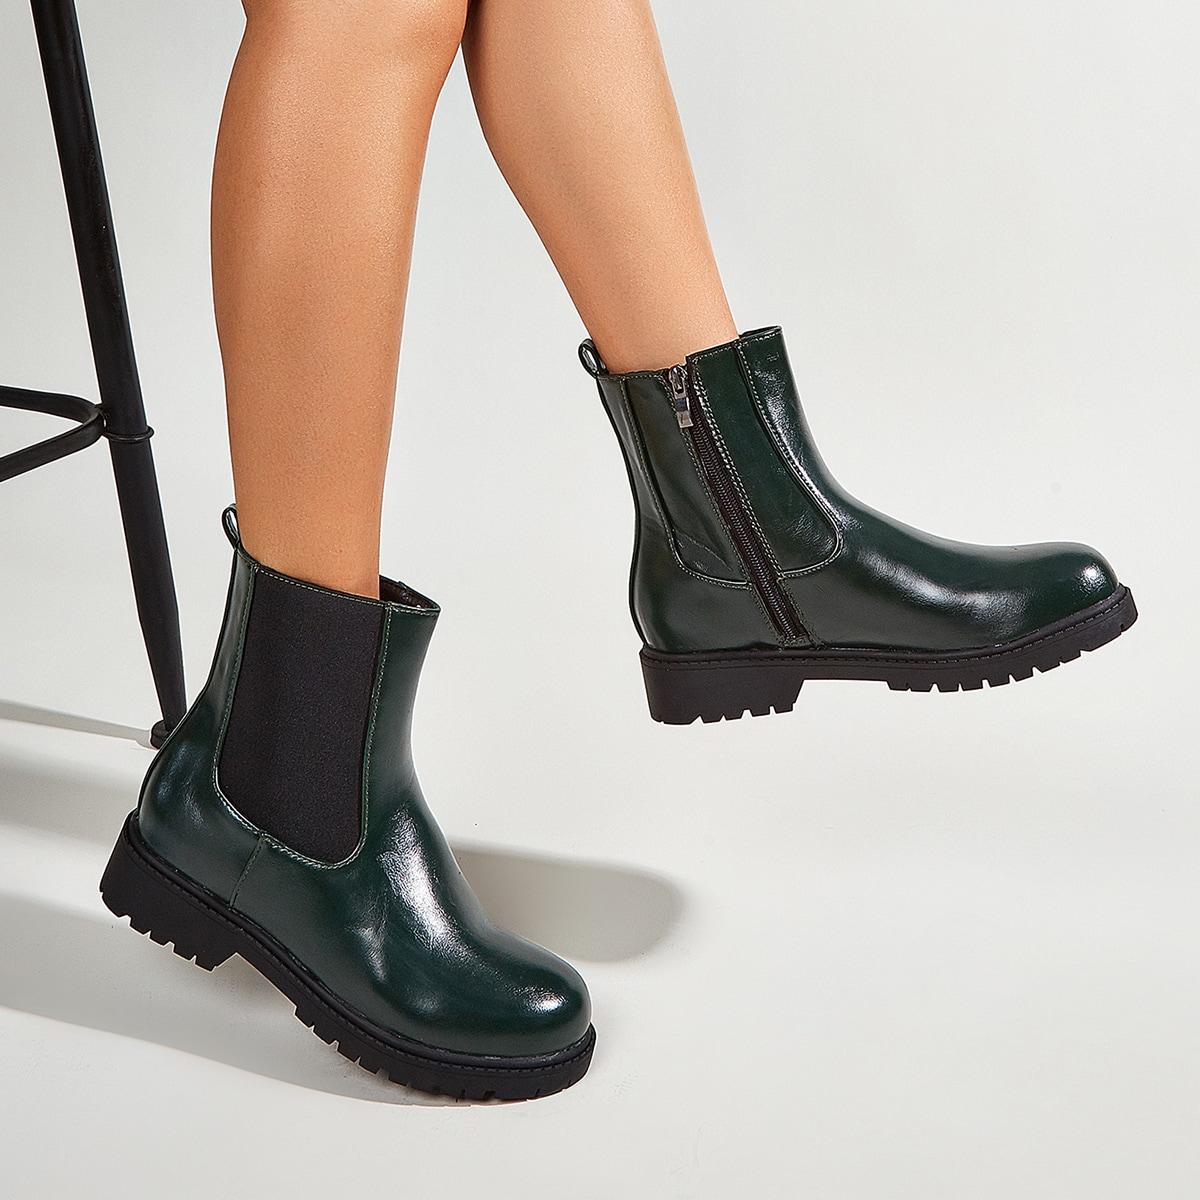 SHEIN / Minimalistischer Chelsea Stiefel mit seitlichem Reißverschluss